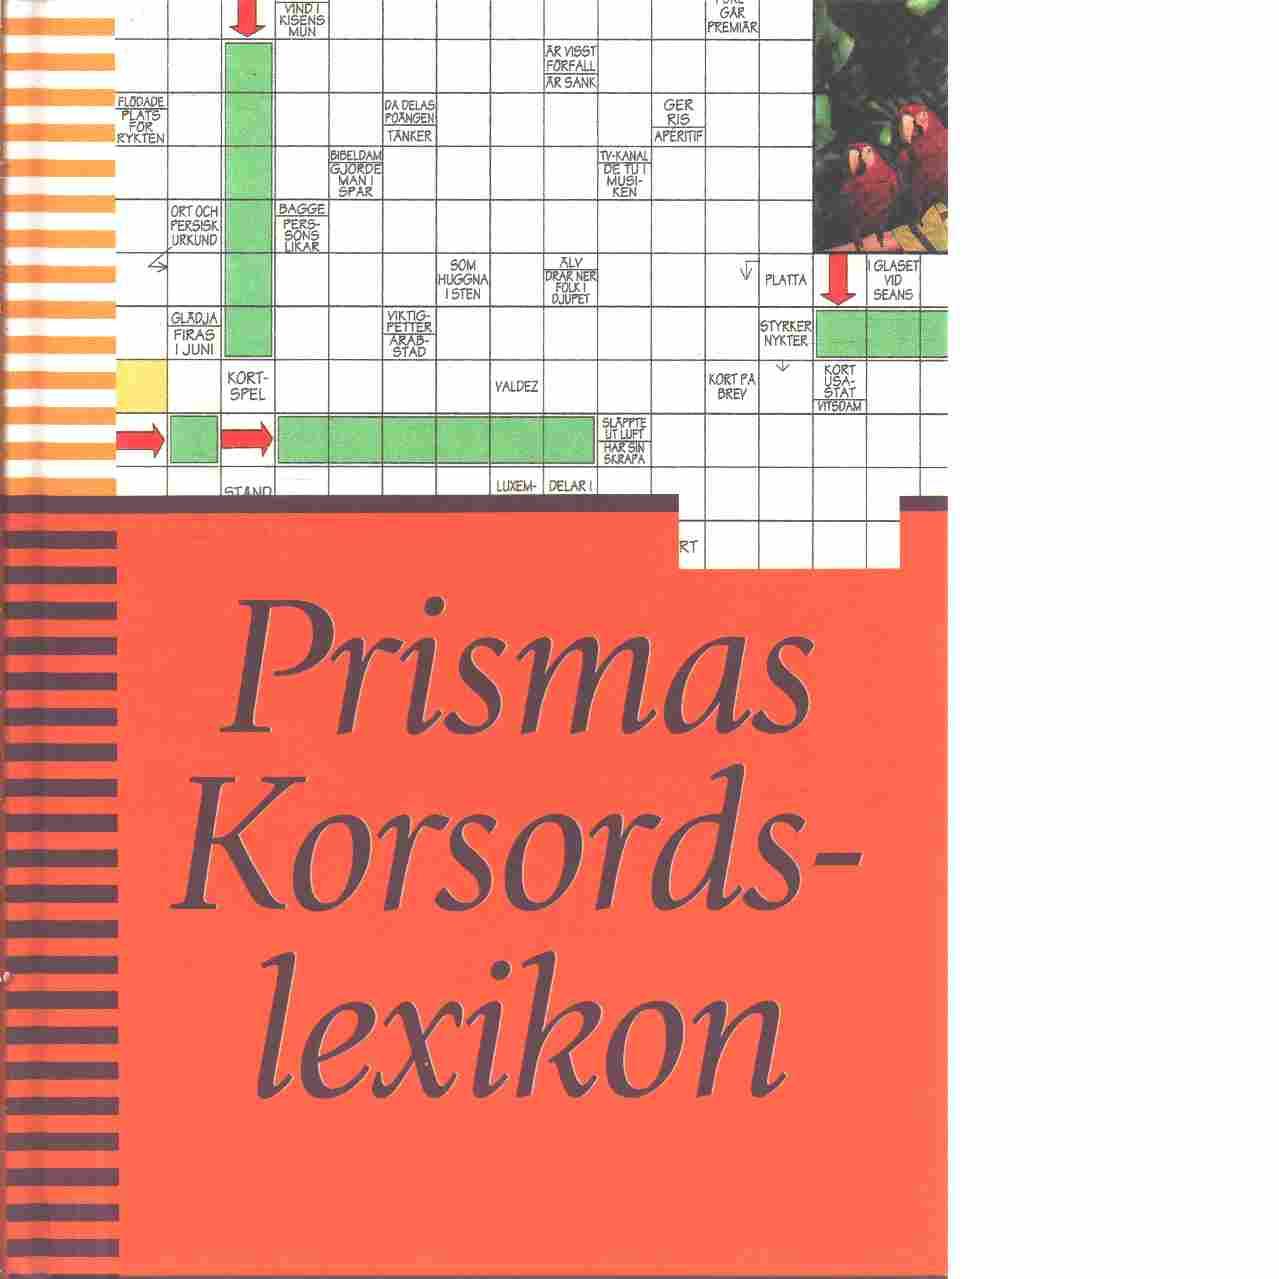 Prismas korsordslexikon - Red.